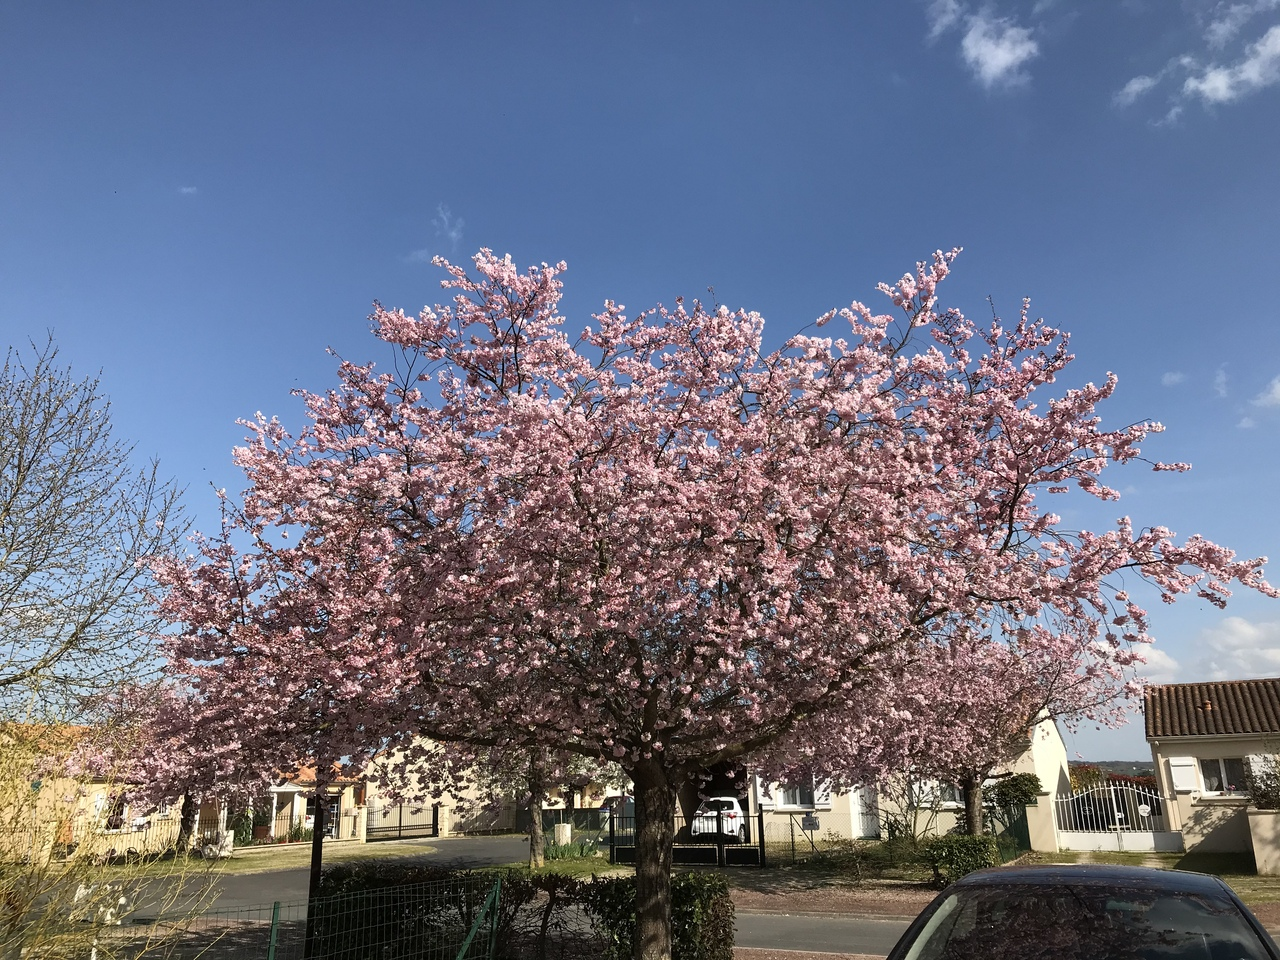 Во Франции все цветет, но улицы пусты. Смотреть на красоту можно только через забор